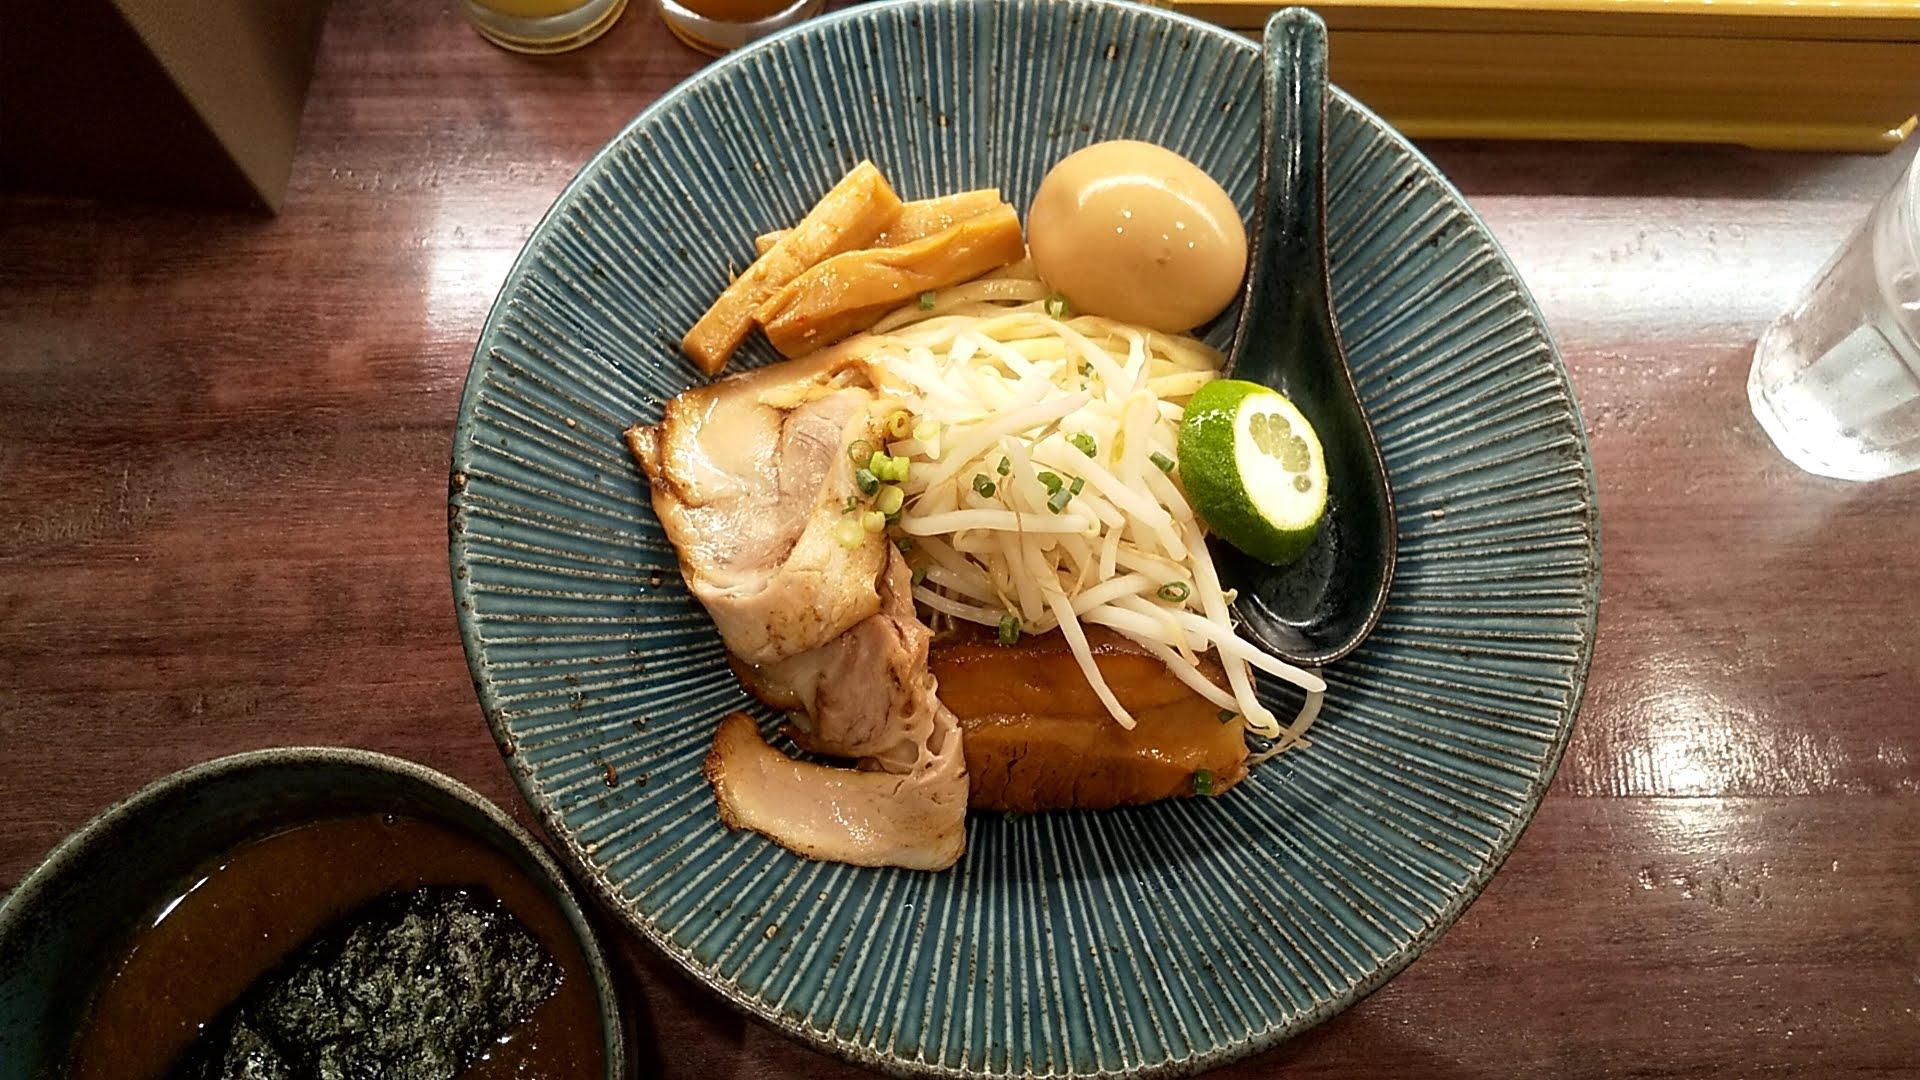 つけ麺一合の特製つけ麺の麺皿の写真